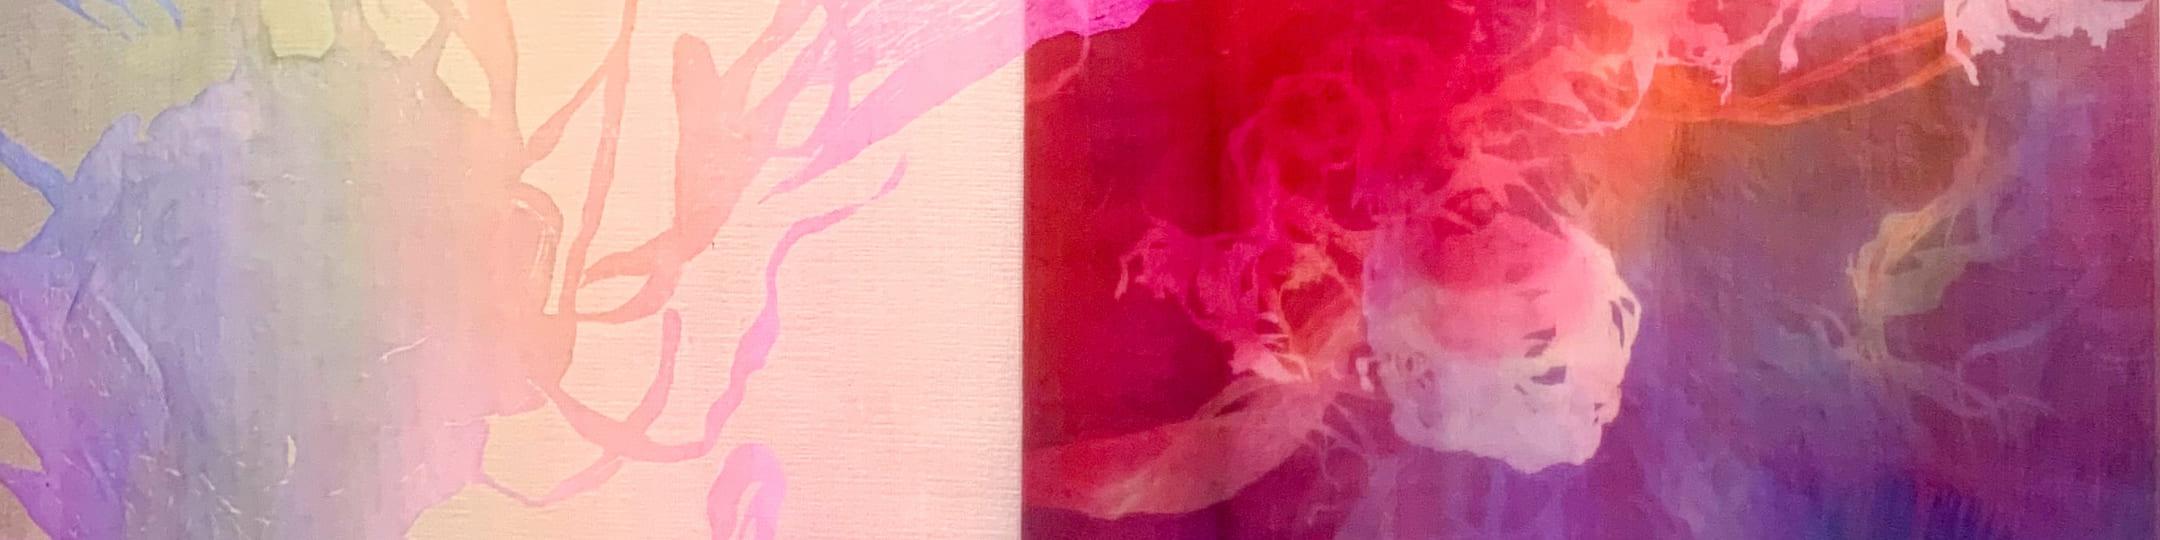 色彩のもつ力を追求 画像